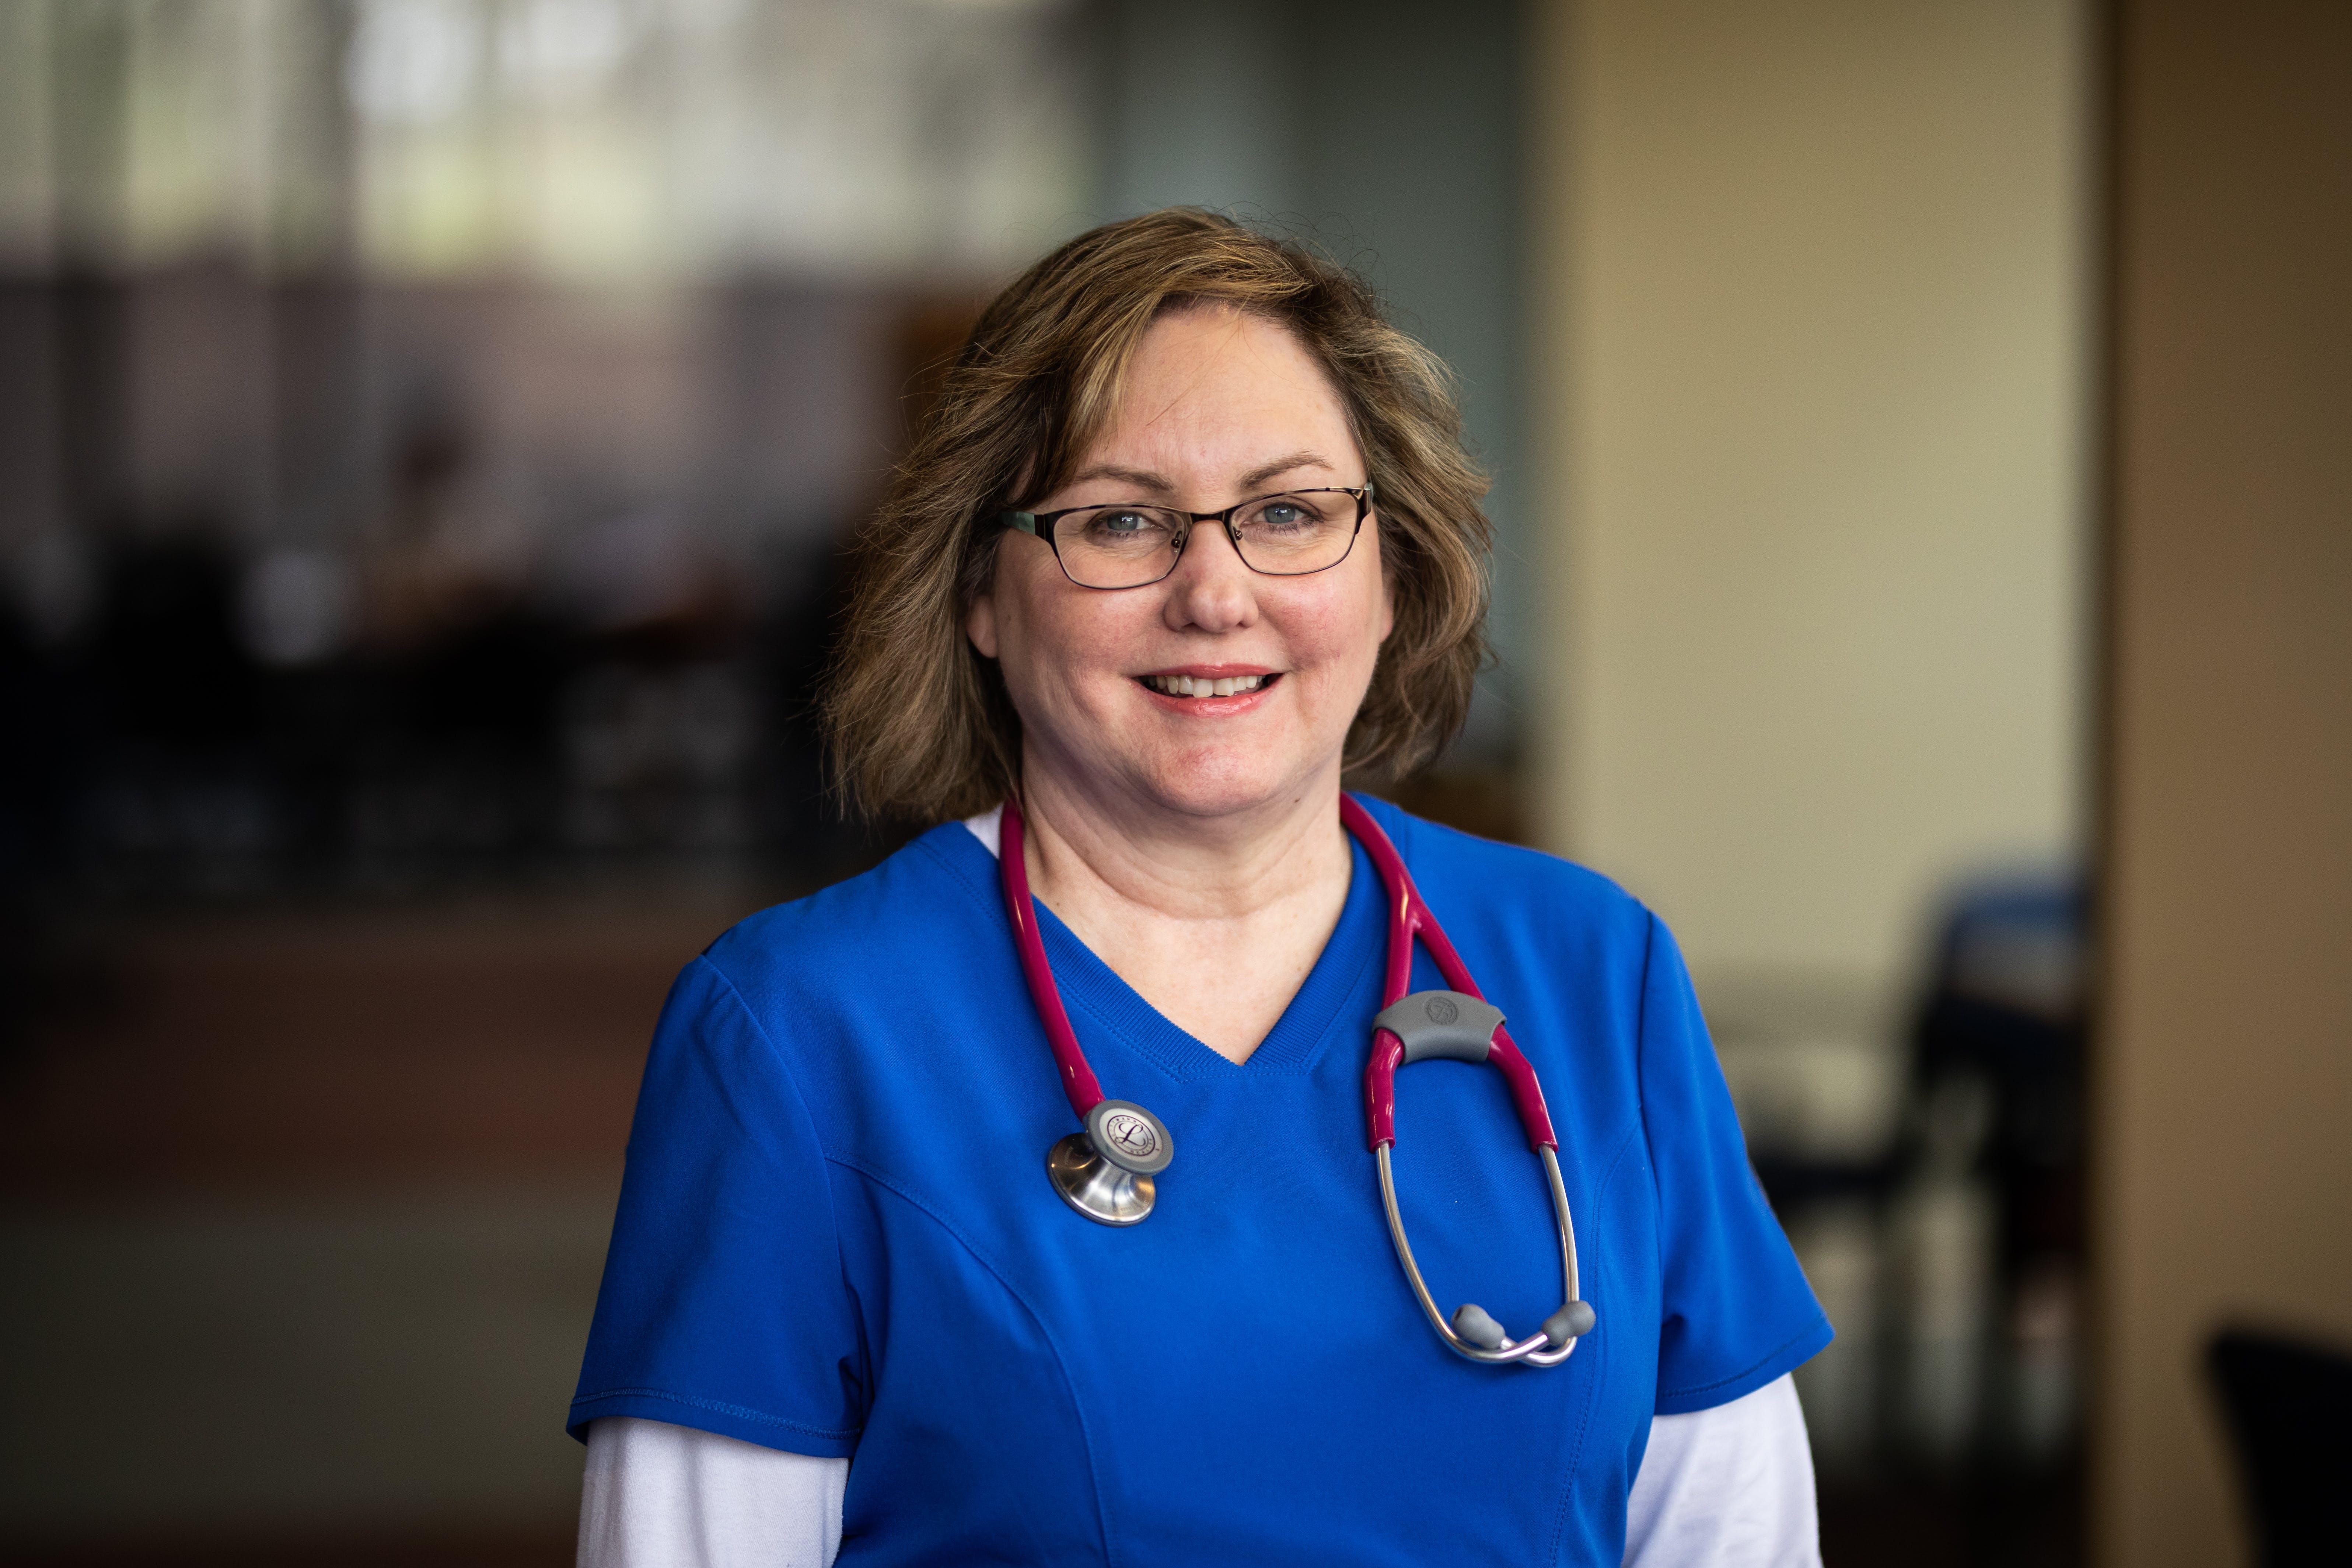 Nursing student Shirlene Schmidt '19